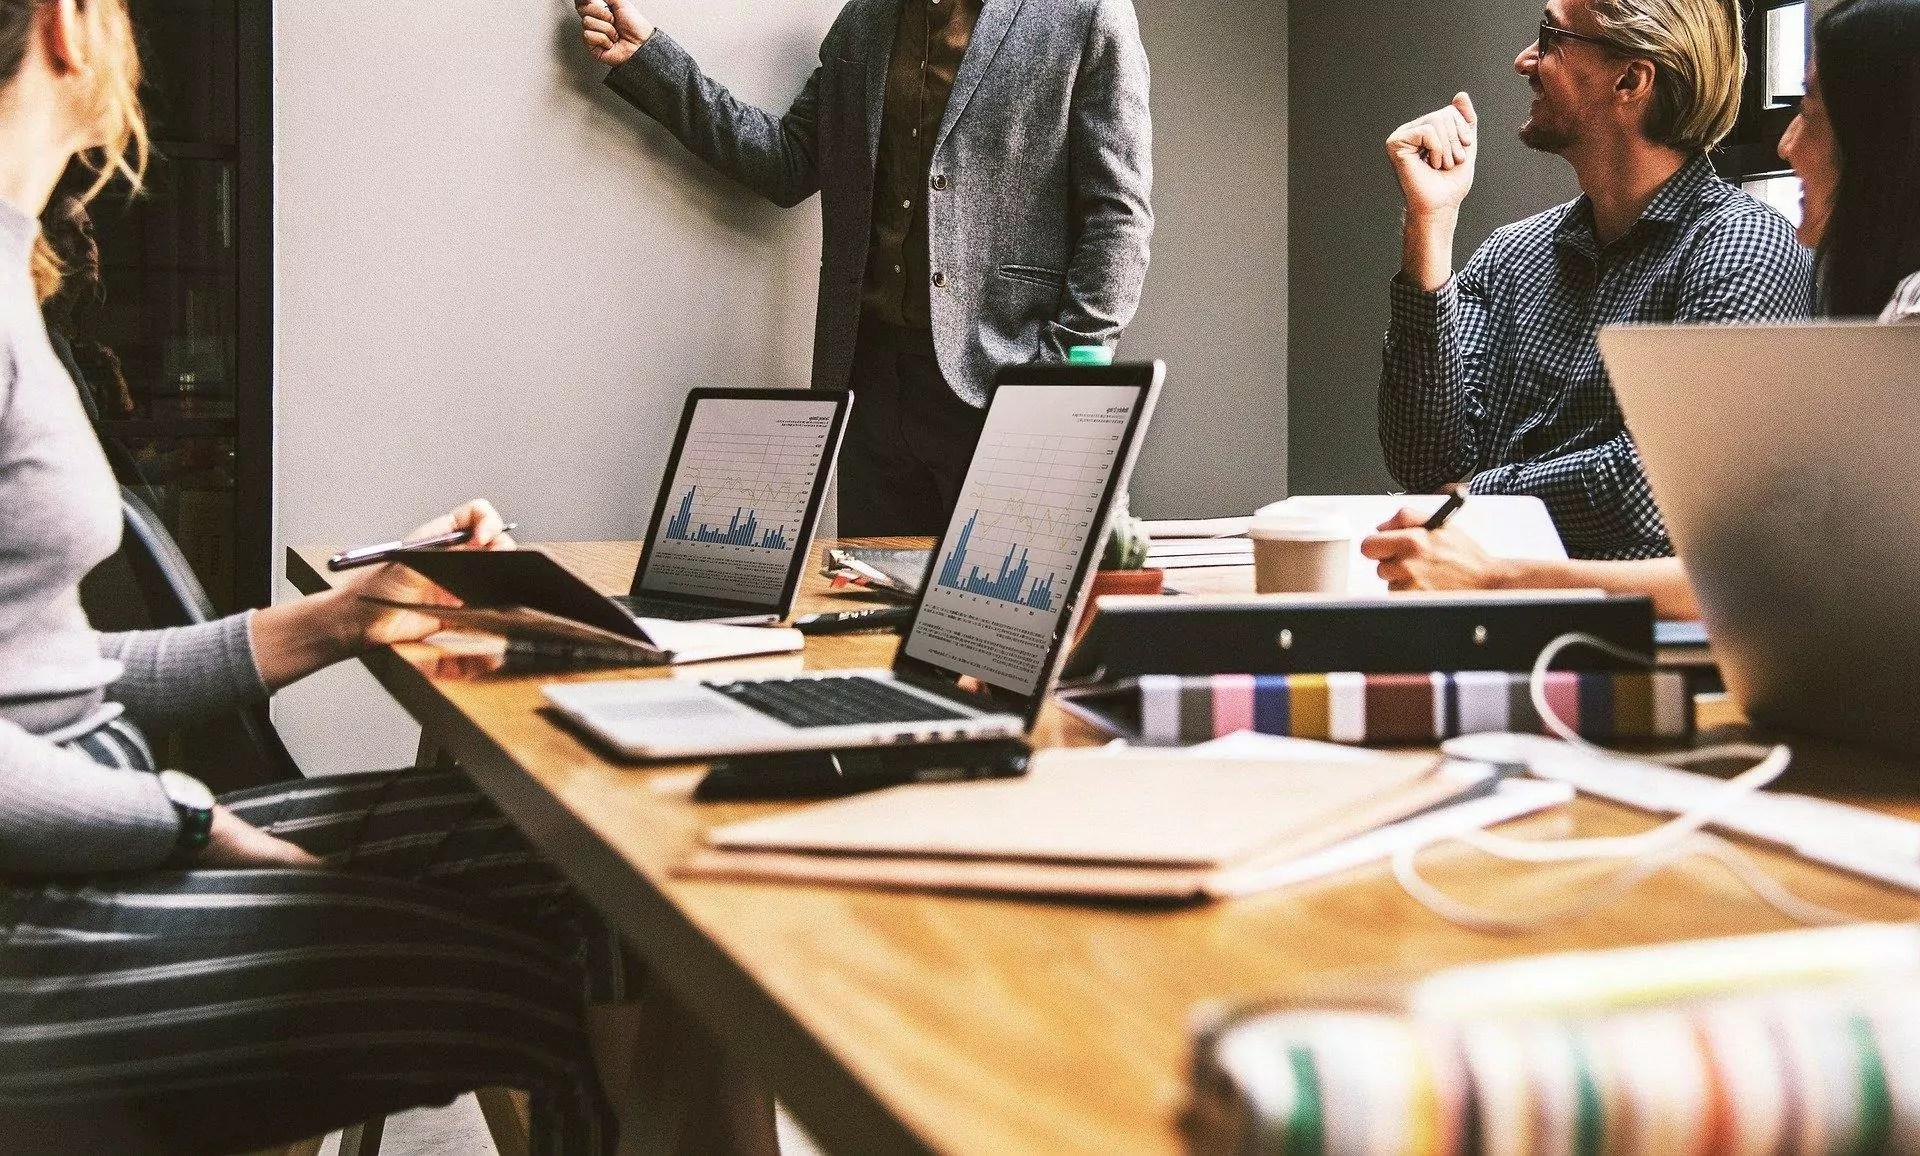 Mesa de reunião com notebook, planilhas e gráficos espalhados.